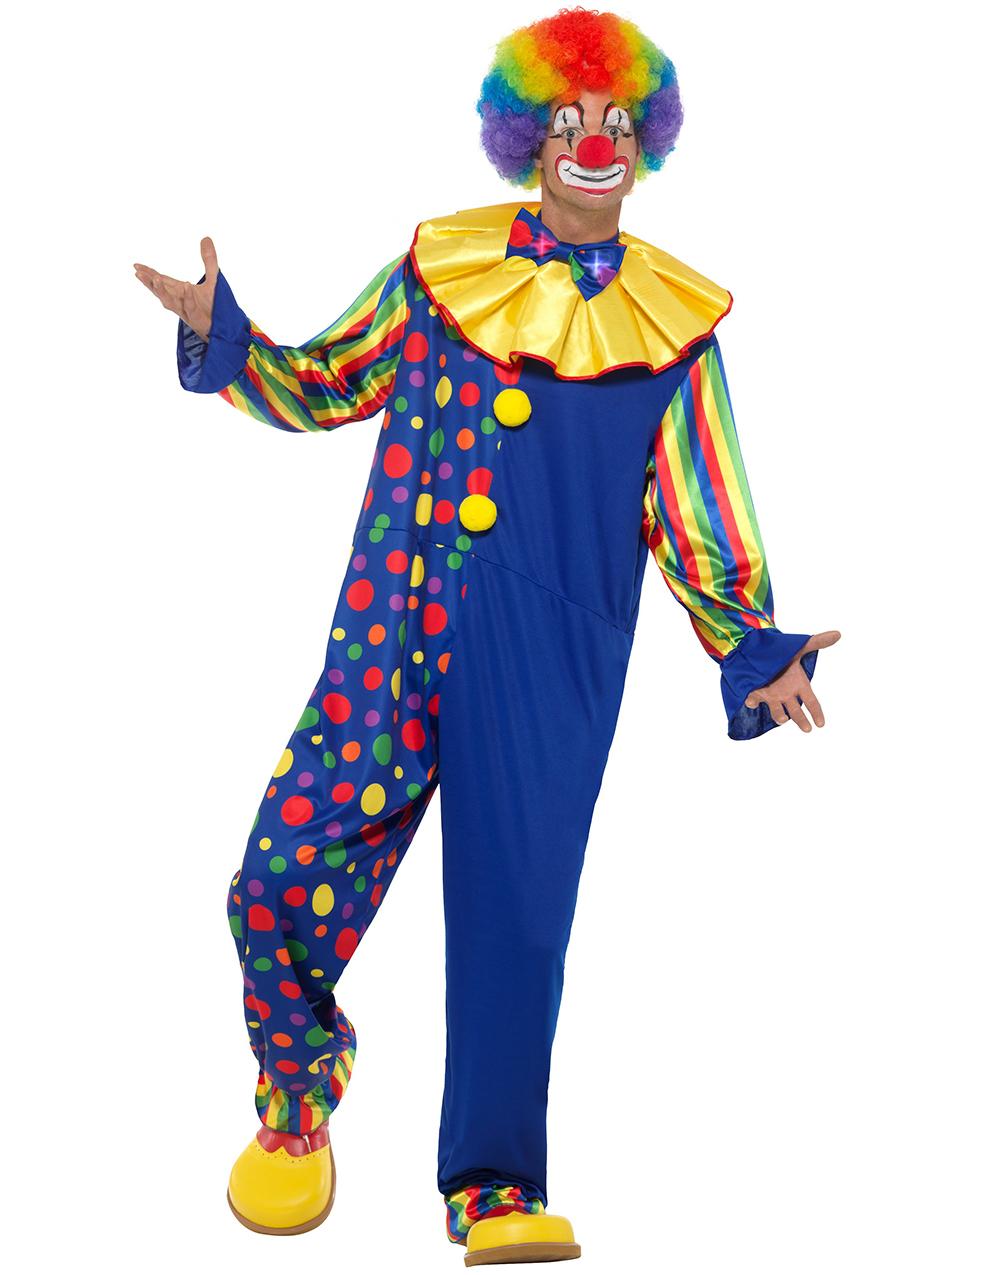 Clowndräkter - Roliga   läskiga clowner - Maskeradprylar.se fe9735d406467